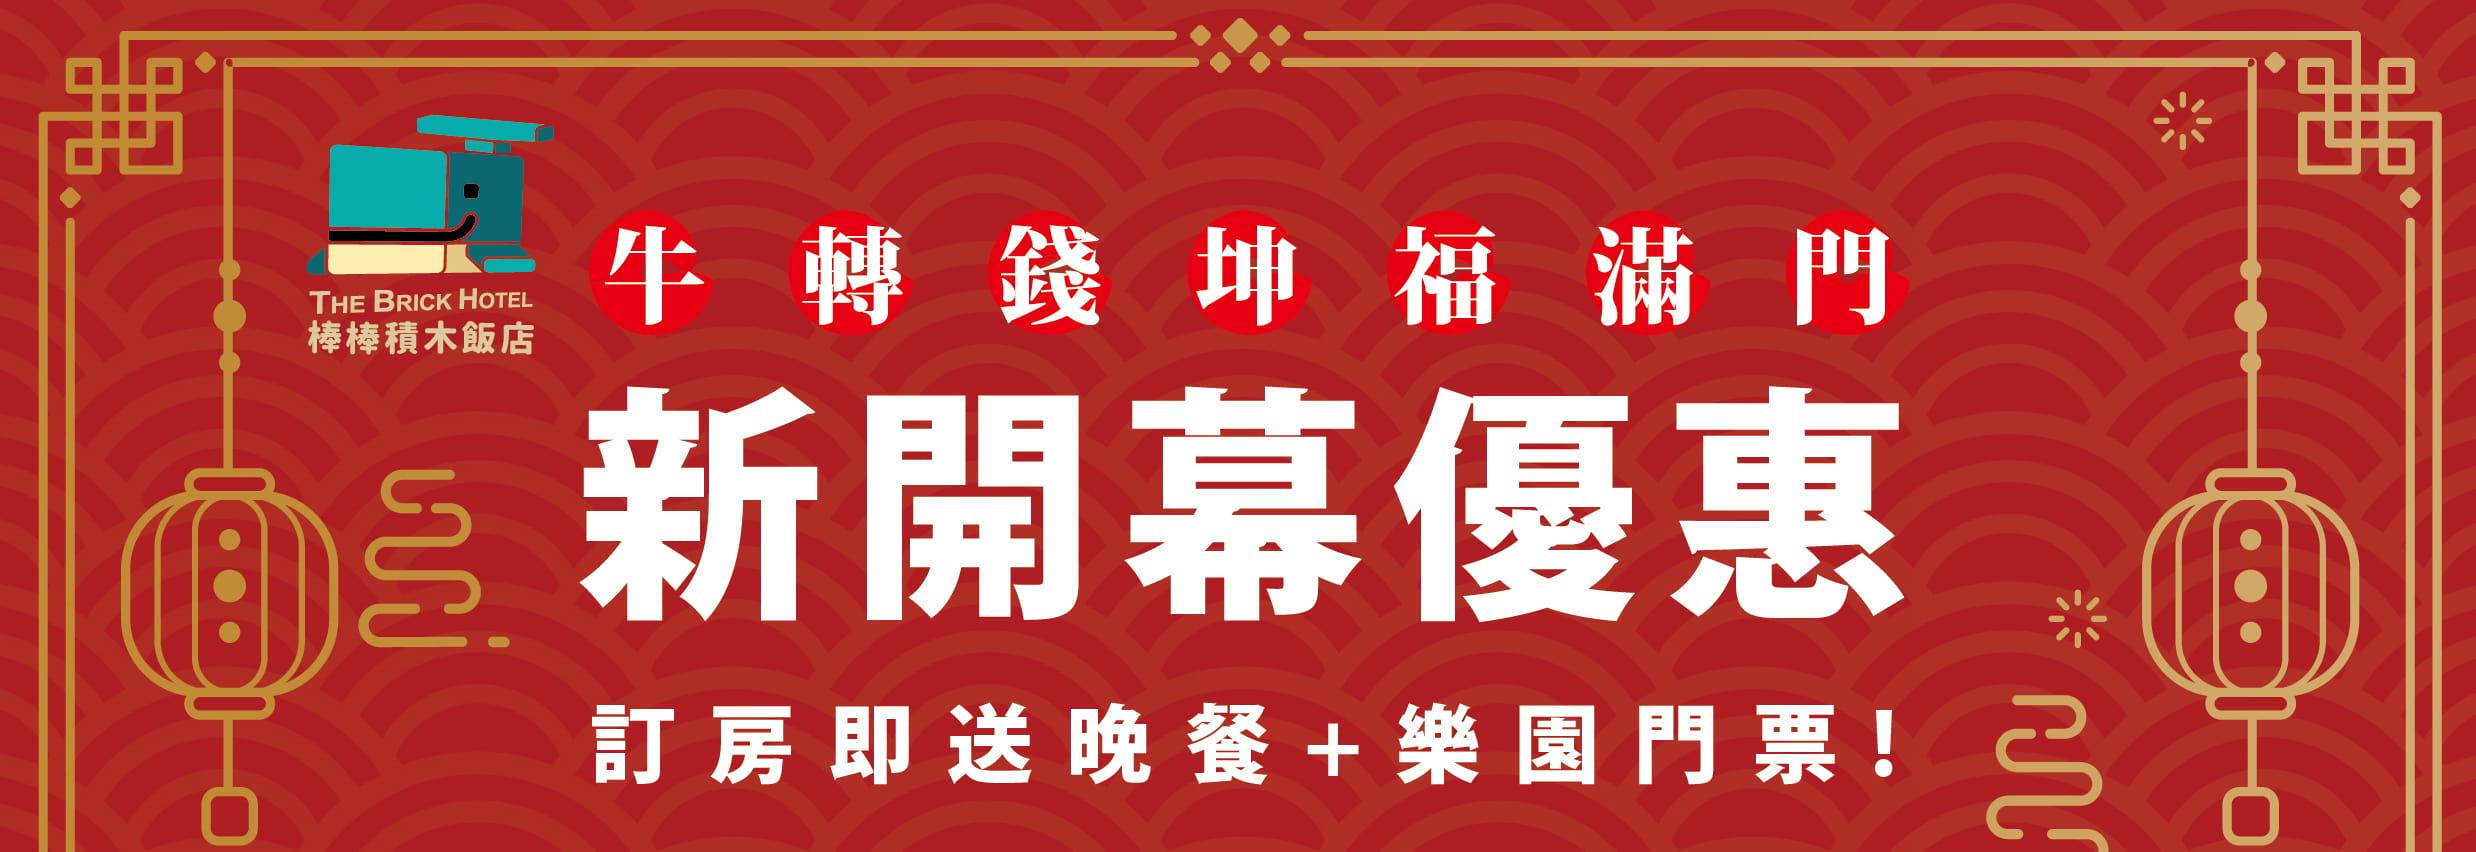 牛轉錢坤福滿門 春節住房專案~ 新開幕優惠 訂房即送晚餐+樂園門票!